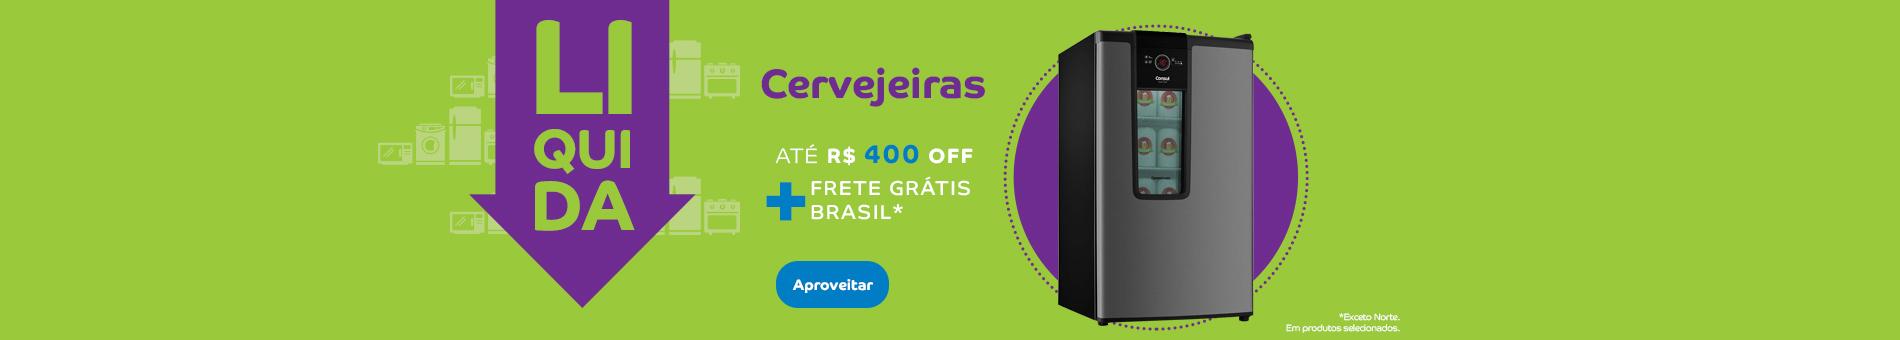 Promoção Interna - 735 - liquidaconsul_cervejeiras_home3_24082016 - cervejeiras - 4